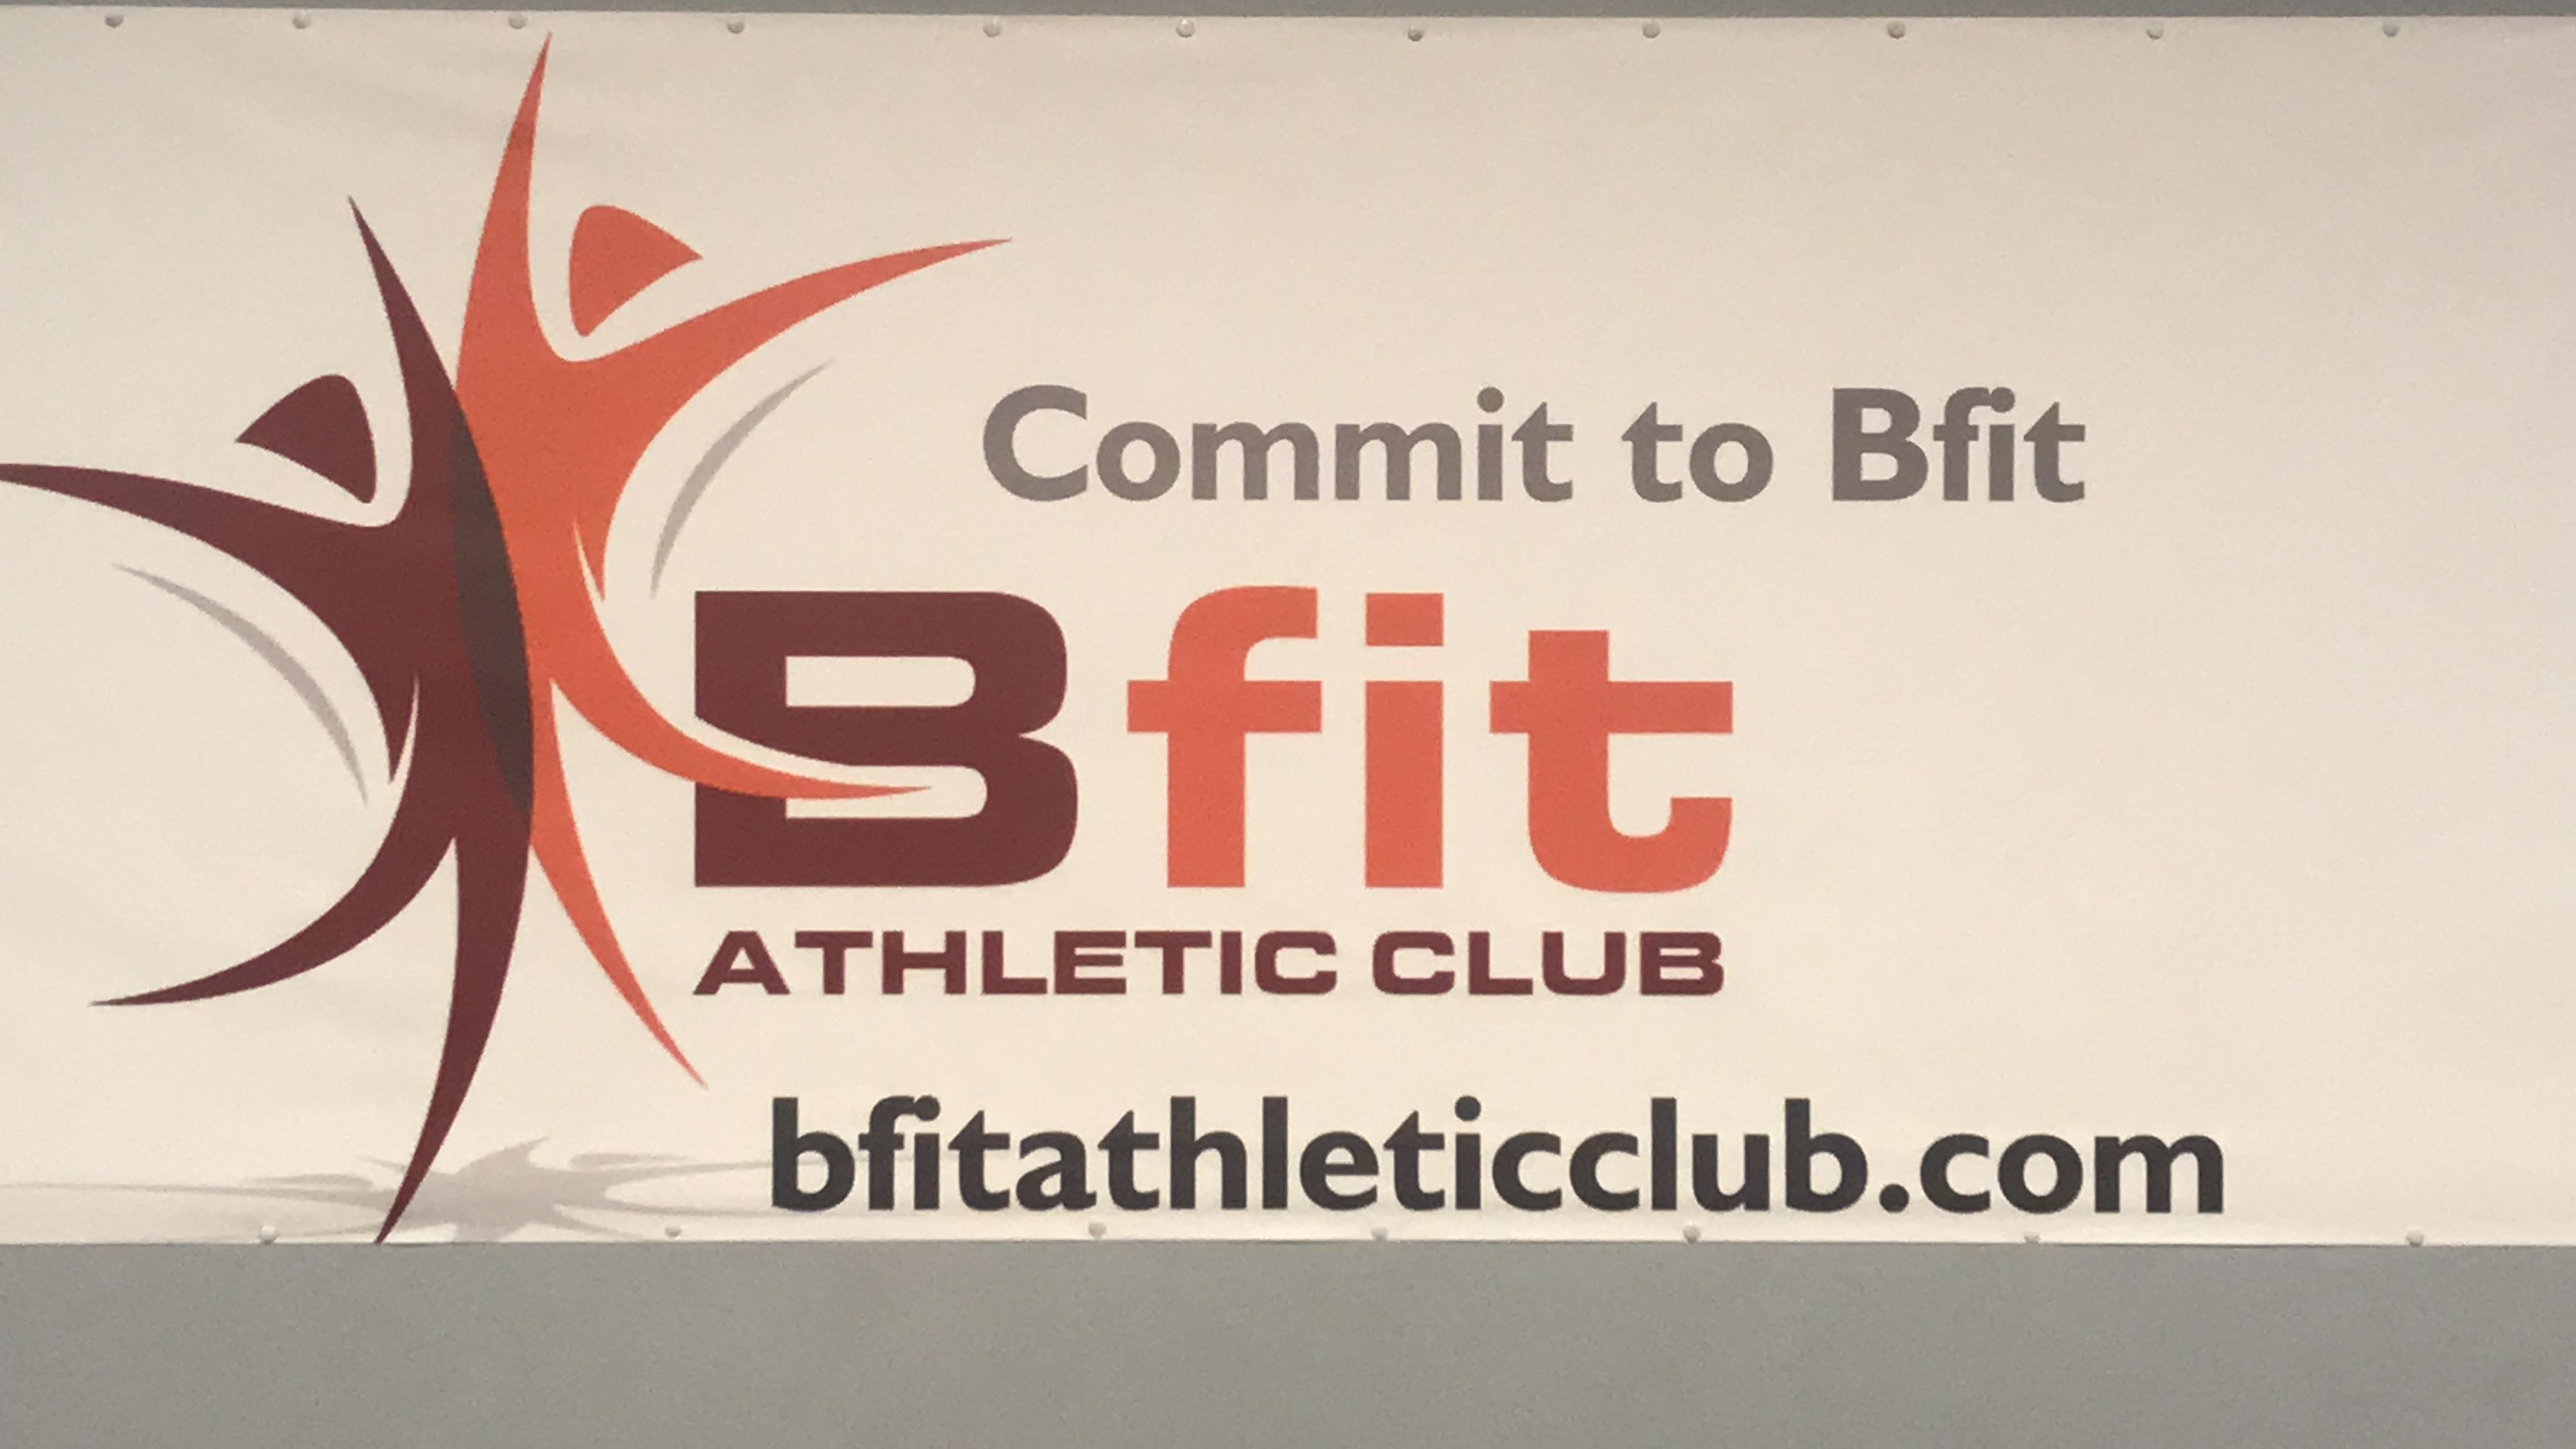 Bfit Athletic Club LLC Logo